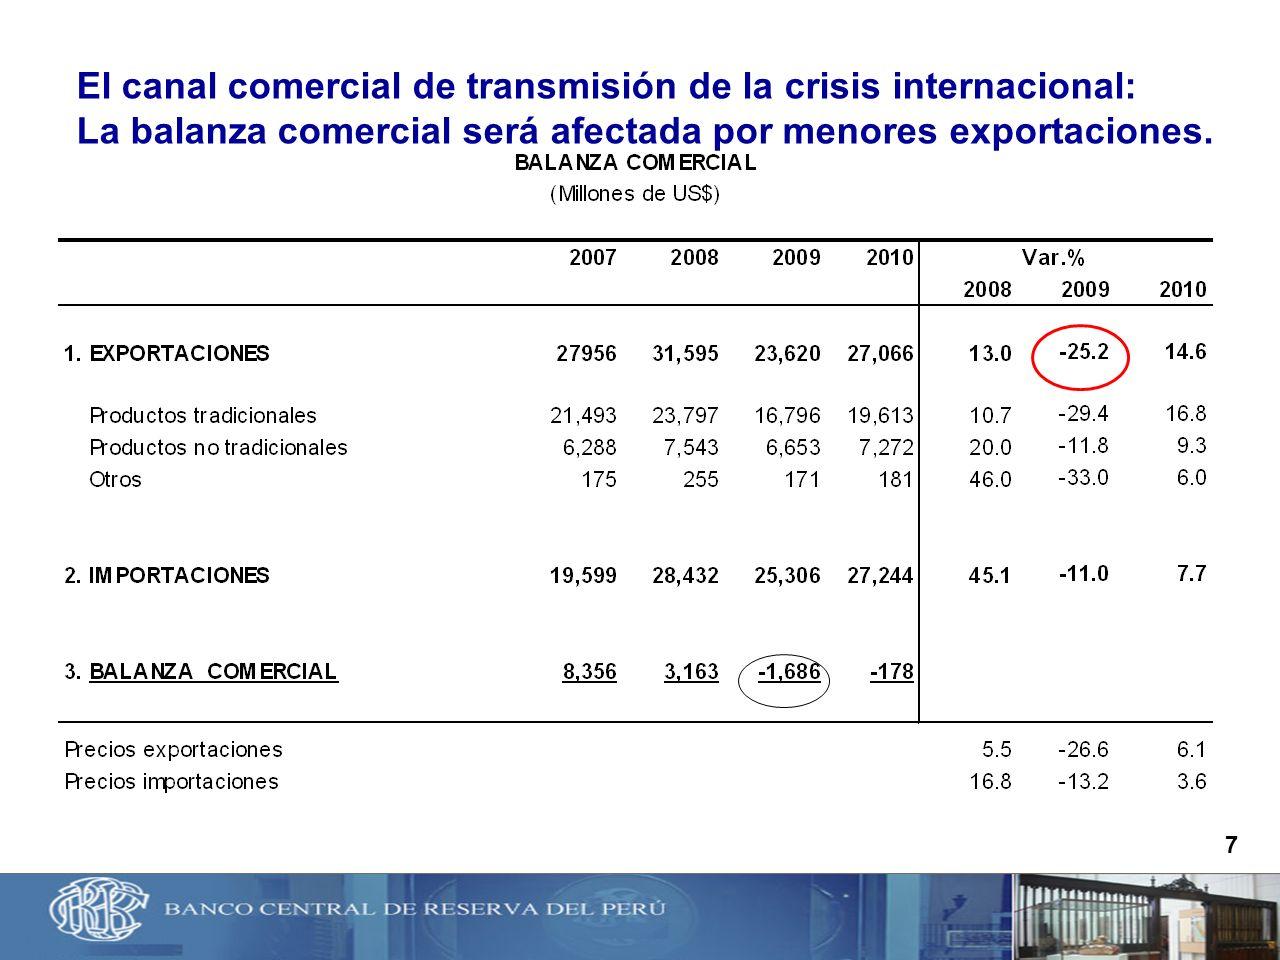 7 El canal comercial de transmisión de la crisis internacional: La balanza comercial será afectada por menores exportaciones.